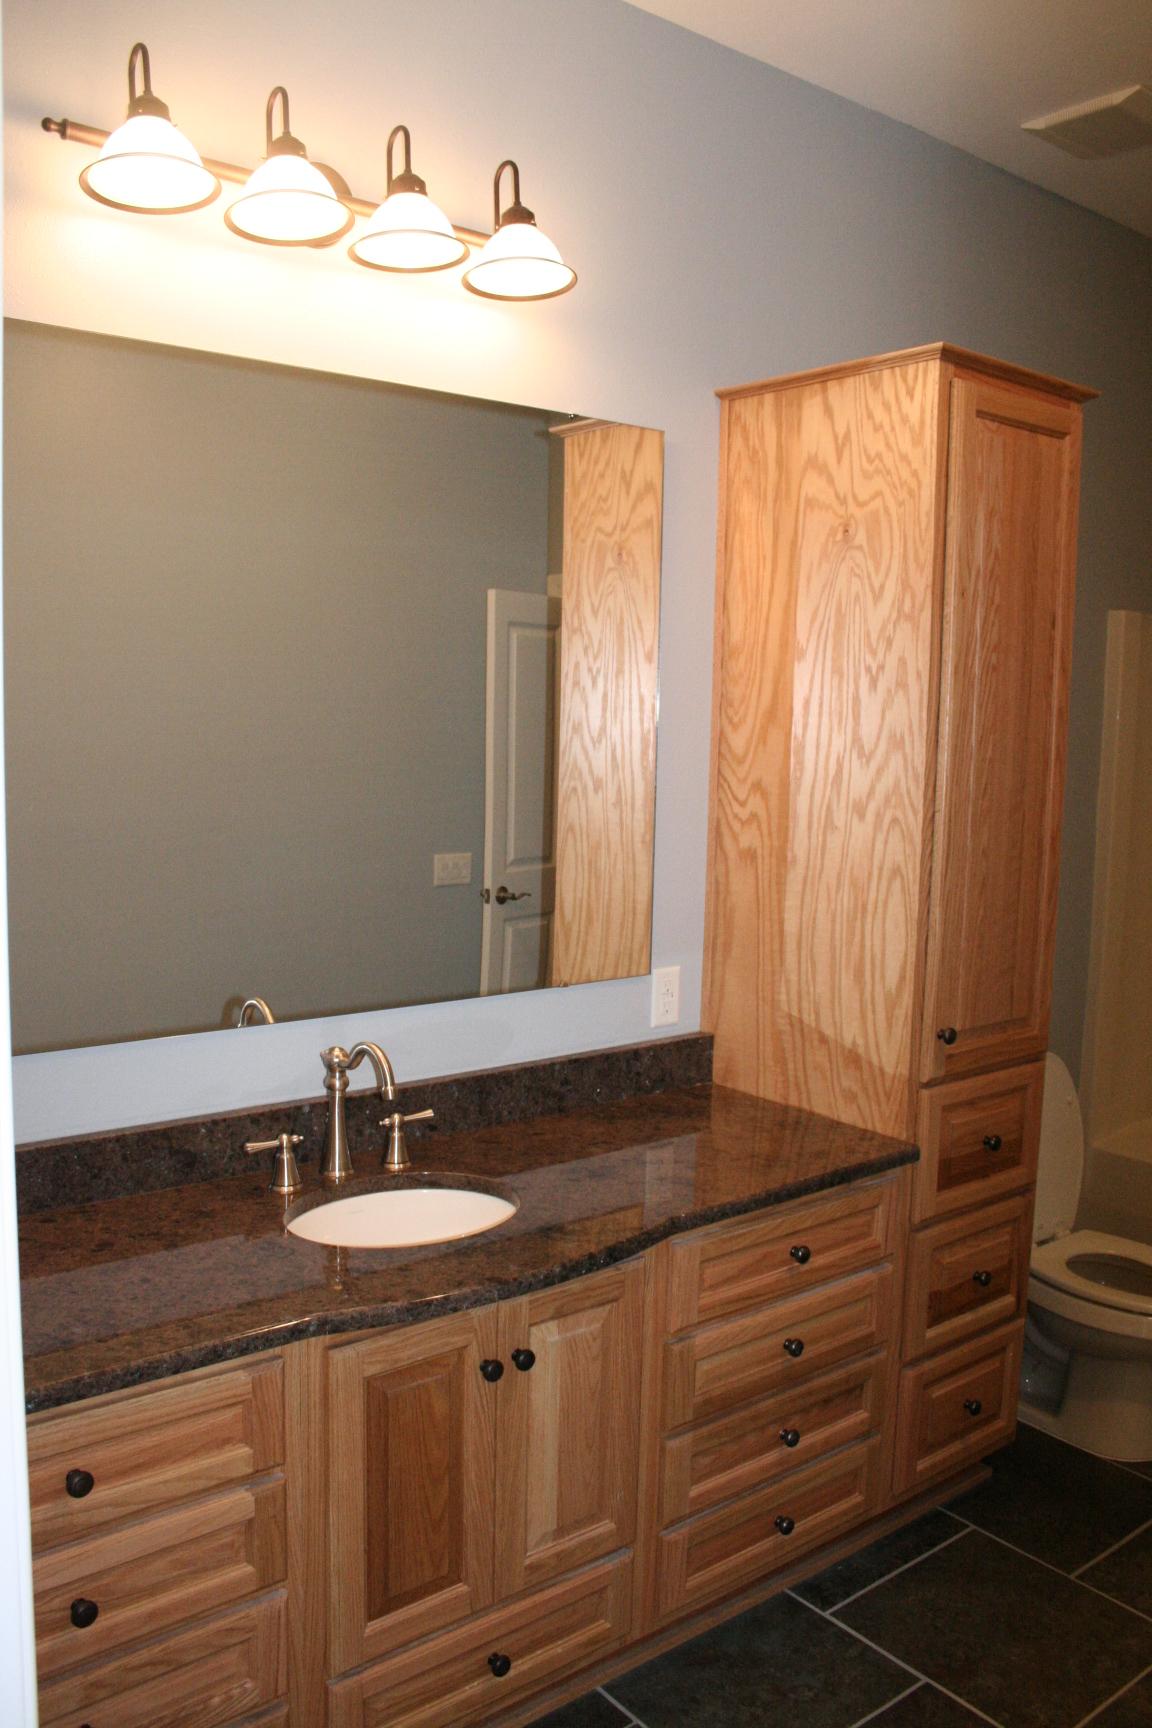 Custom built cabinets and granite countertops